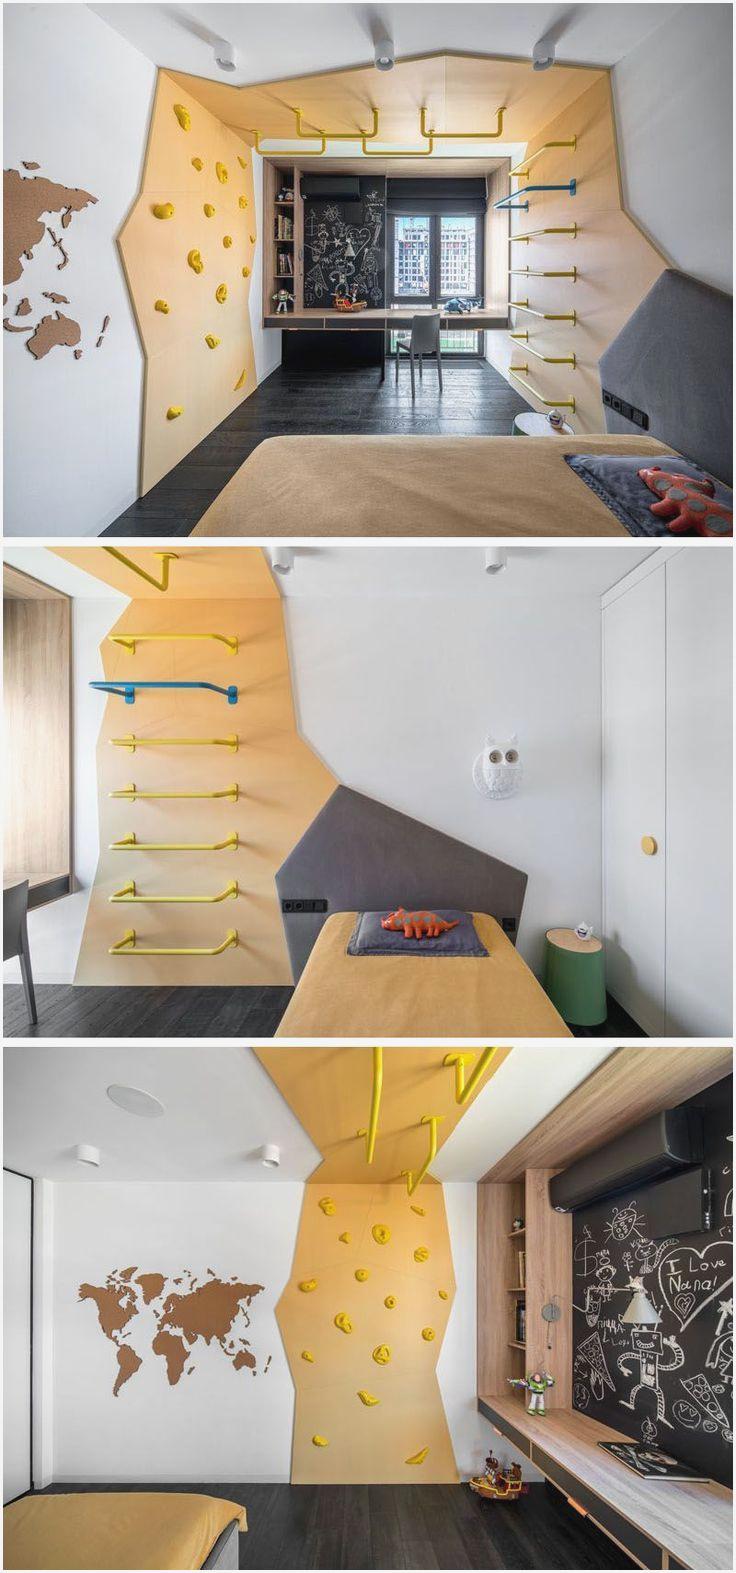 Full Size of Ikea Hacks Kinderzimmer Turnen Trofast Traumhaus Betten 160x200 Küche Kosten Miniküche Modulküche Bei Kaufen Sofa Mit Schlaffunktion Wohnzimmer Ikea Hacks